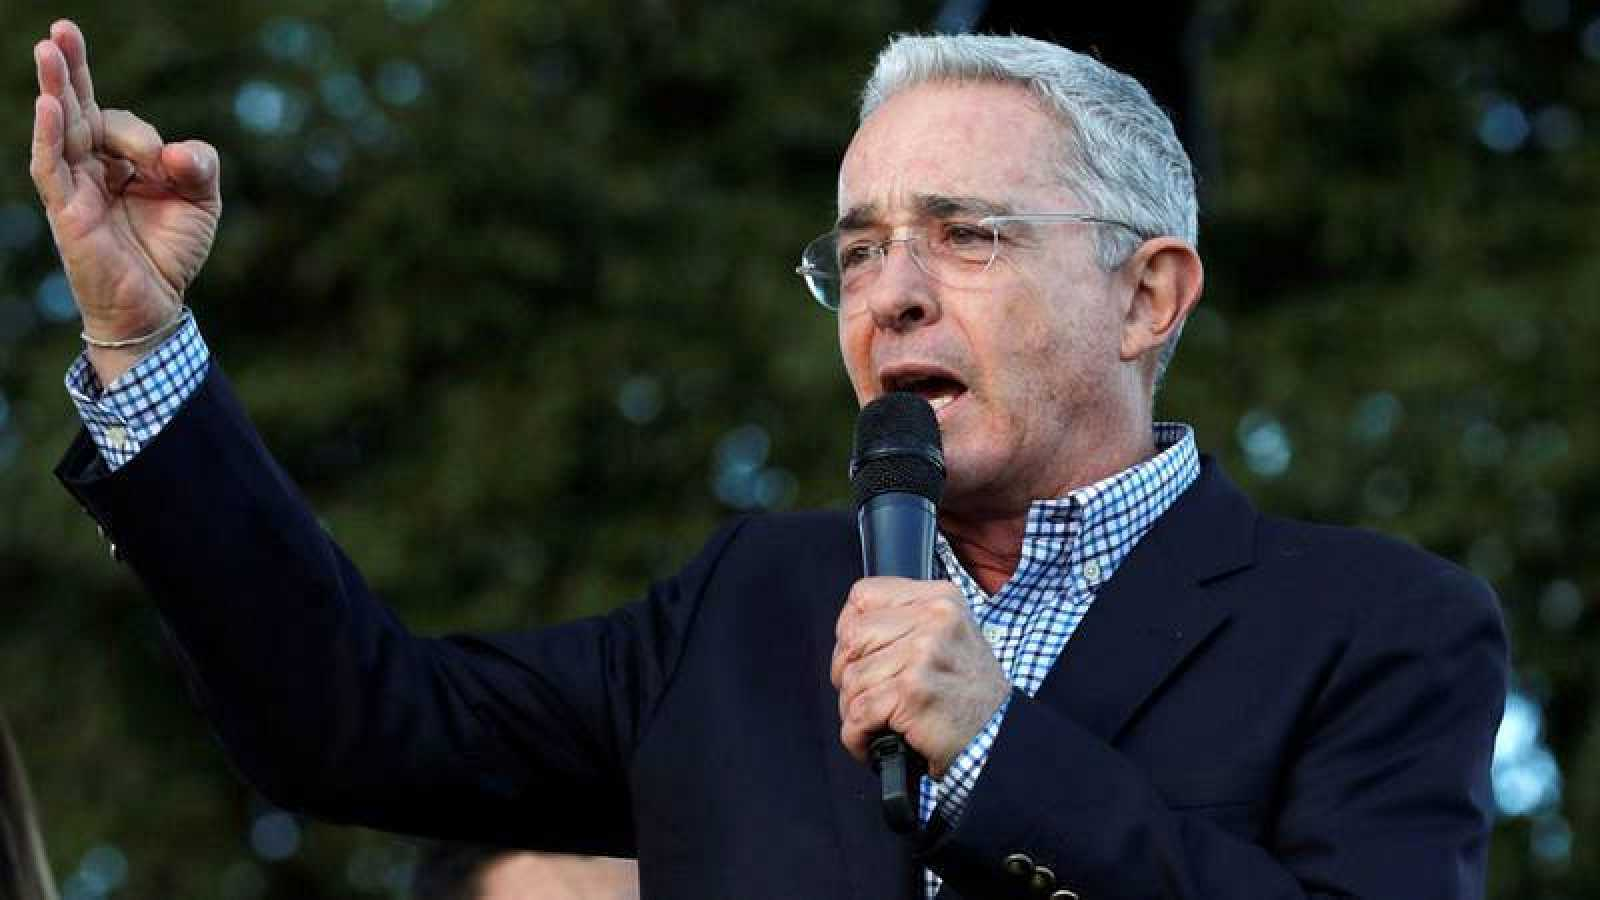 El expresidente de Colombia, Álvaro Uribe, durante un acto en Bogotá, Colombia.